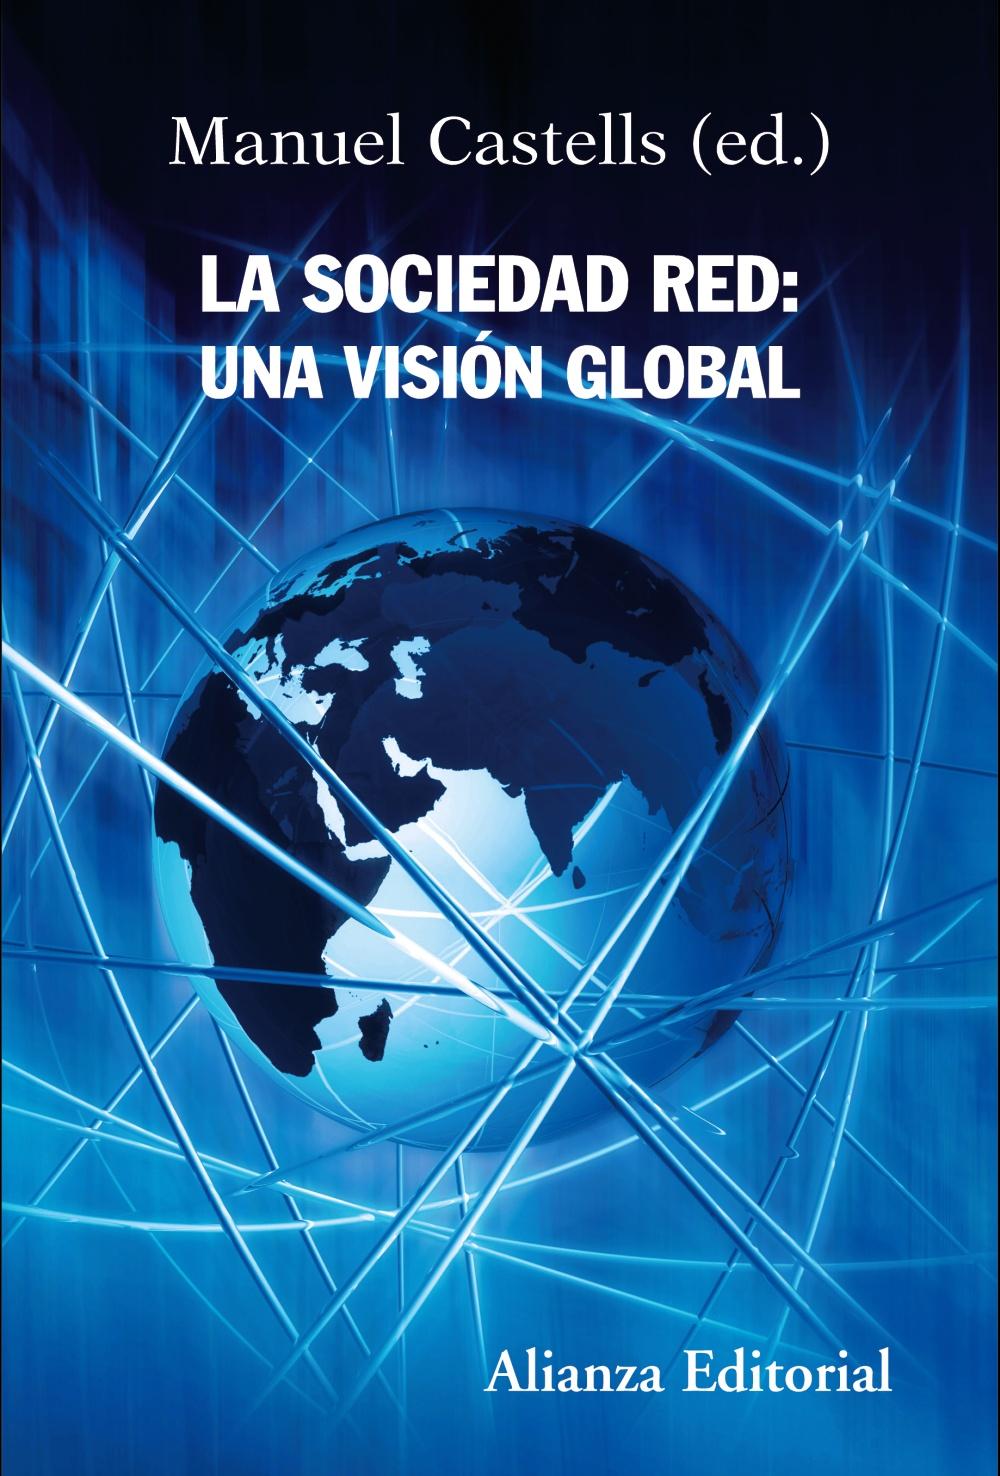 La Sociedad Red